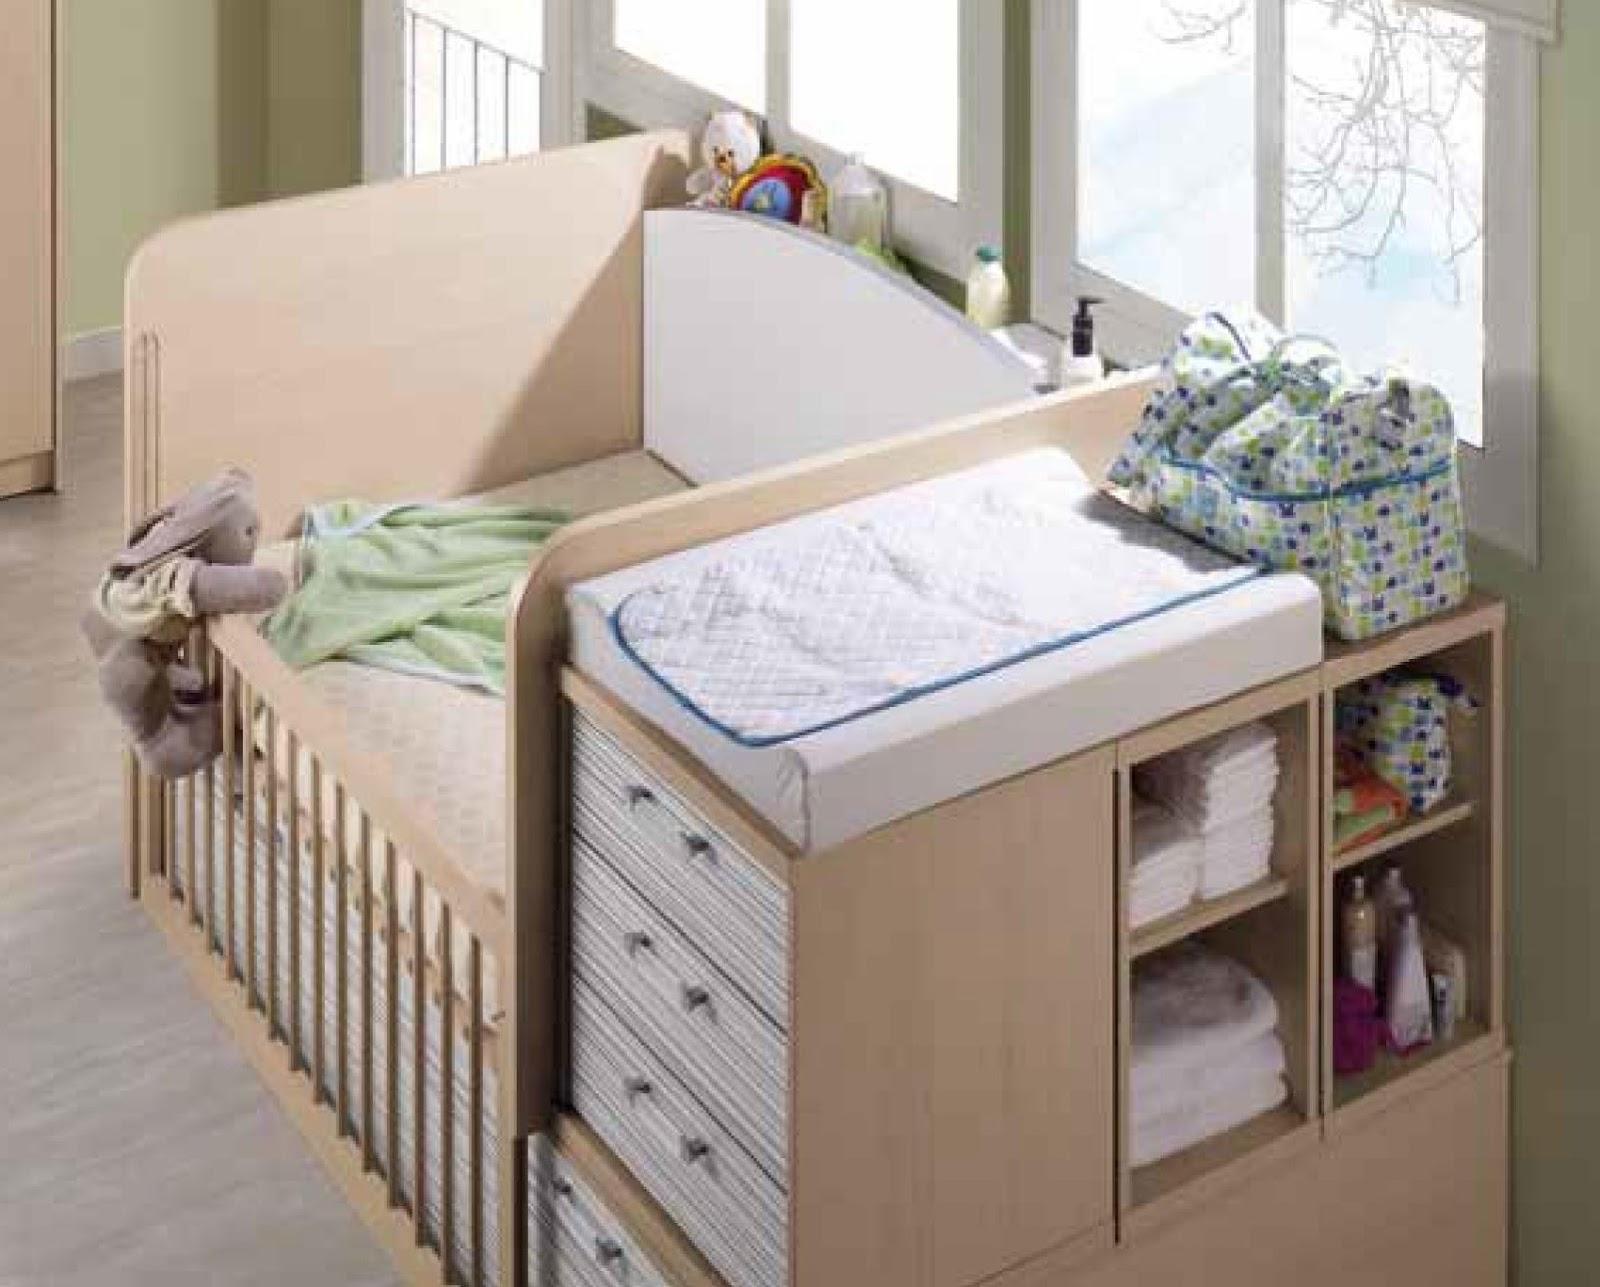 Muebles Usados Para Bebes Medellin – cddigi.com